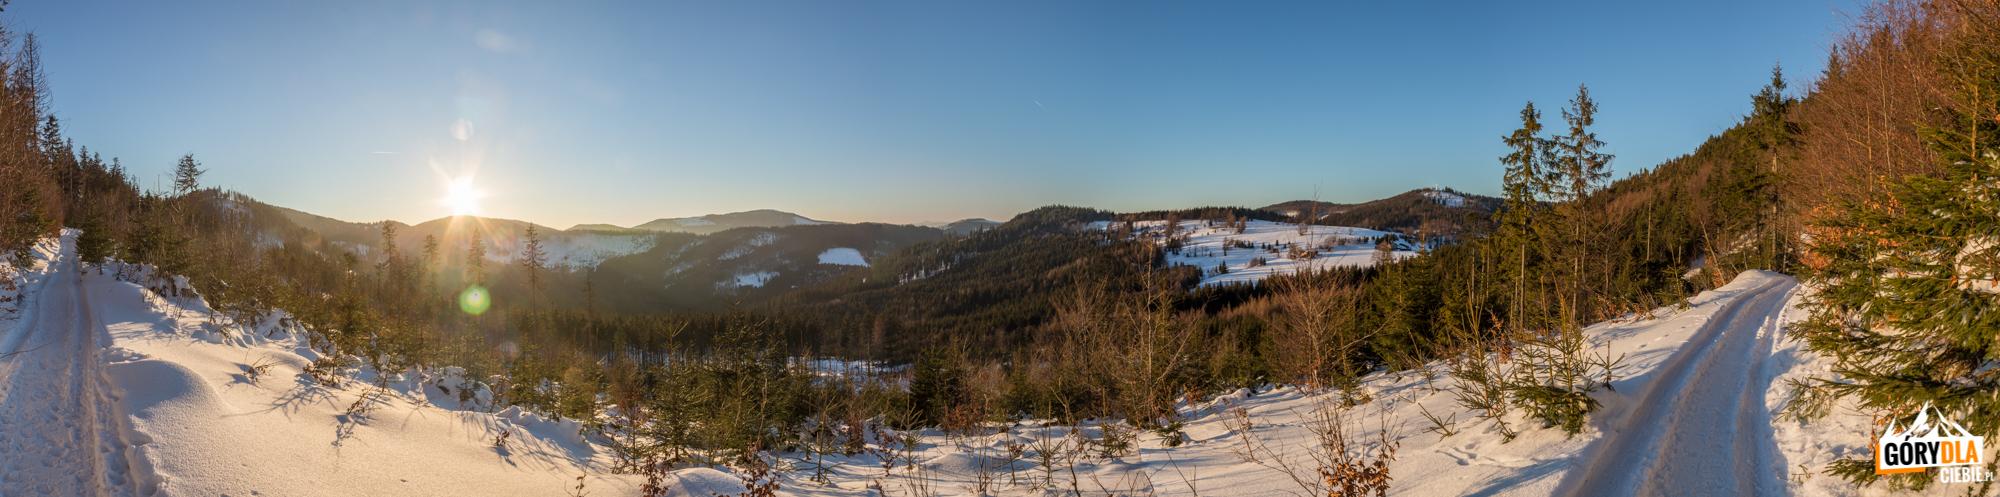 Czerwony szlak zbiega zgrani naPrzełęcz Przegibek (990 m) - centralnie widać Wielką Raczę, poprawej Bendoszkę Wielką